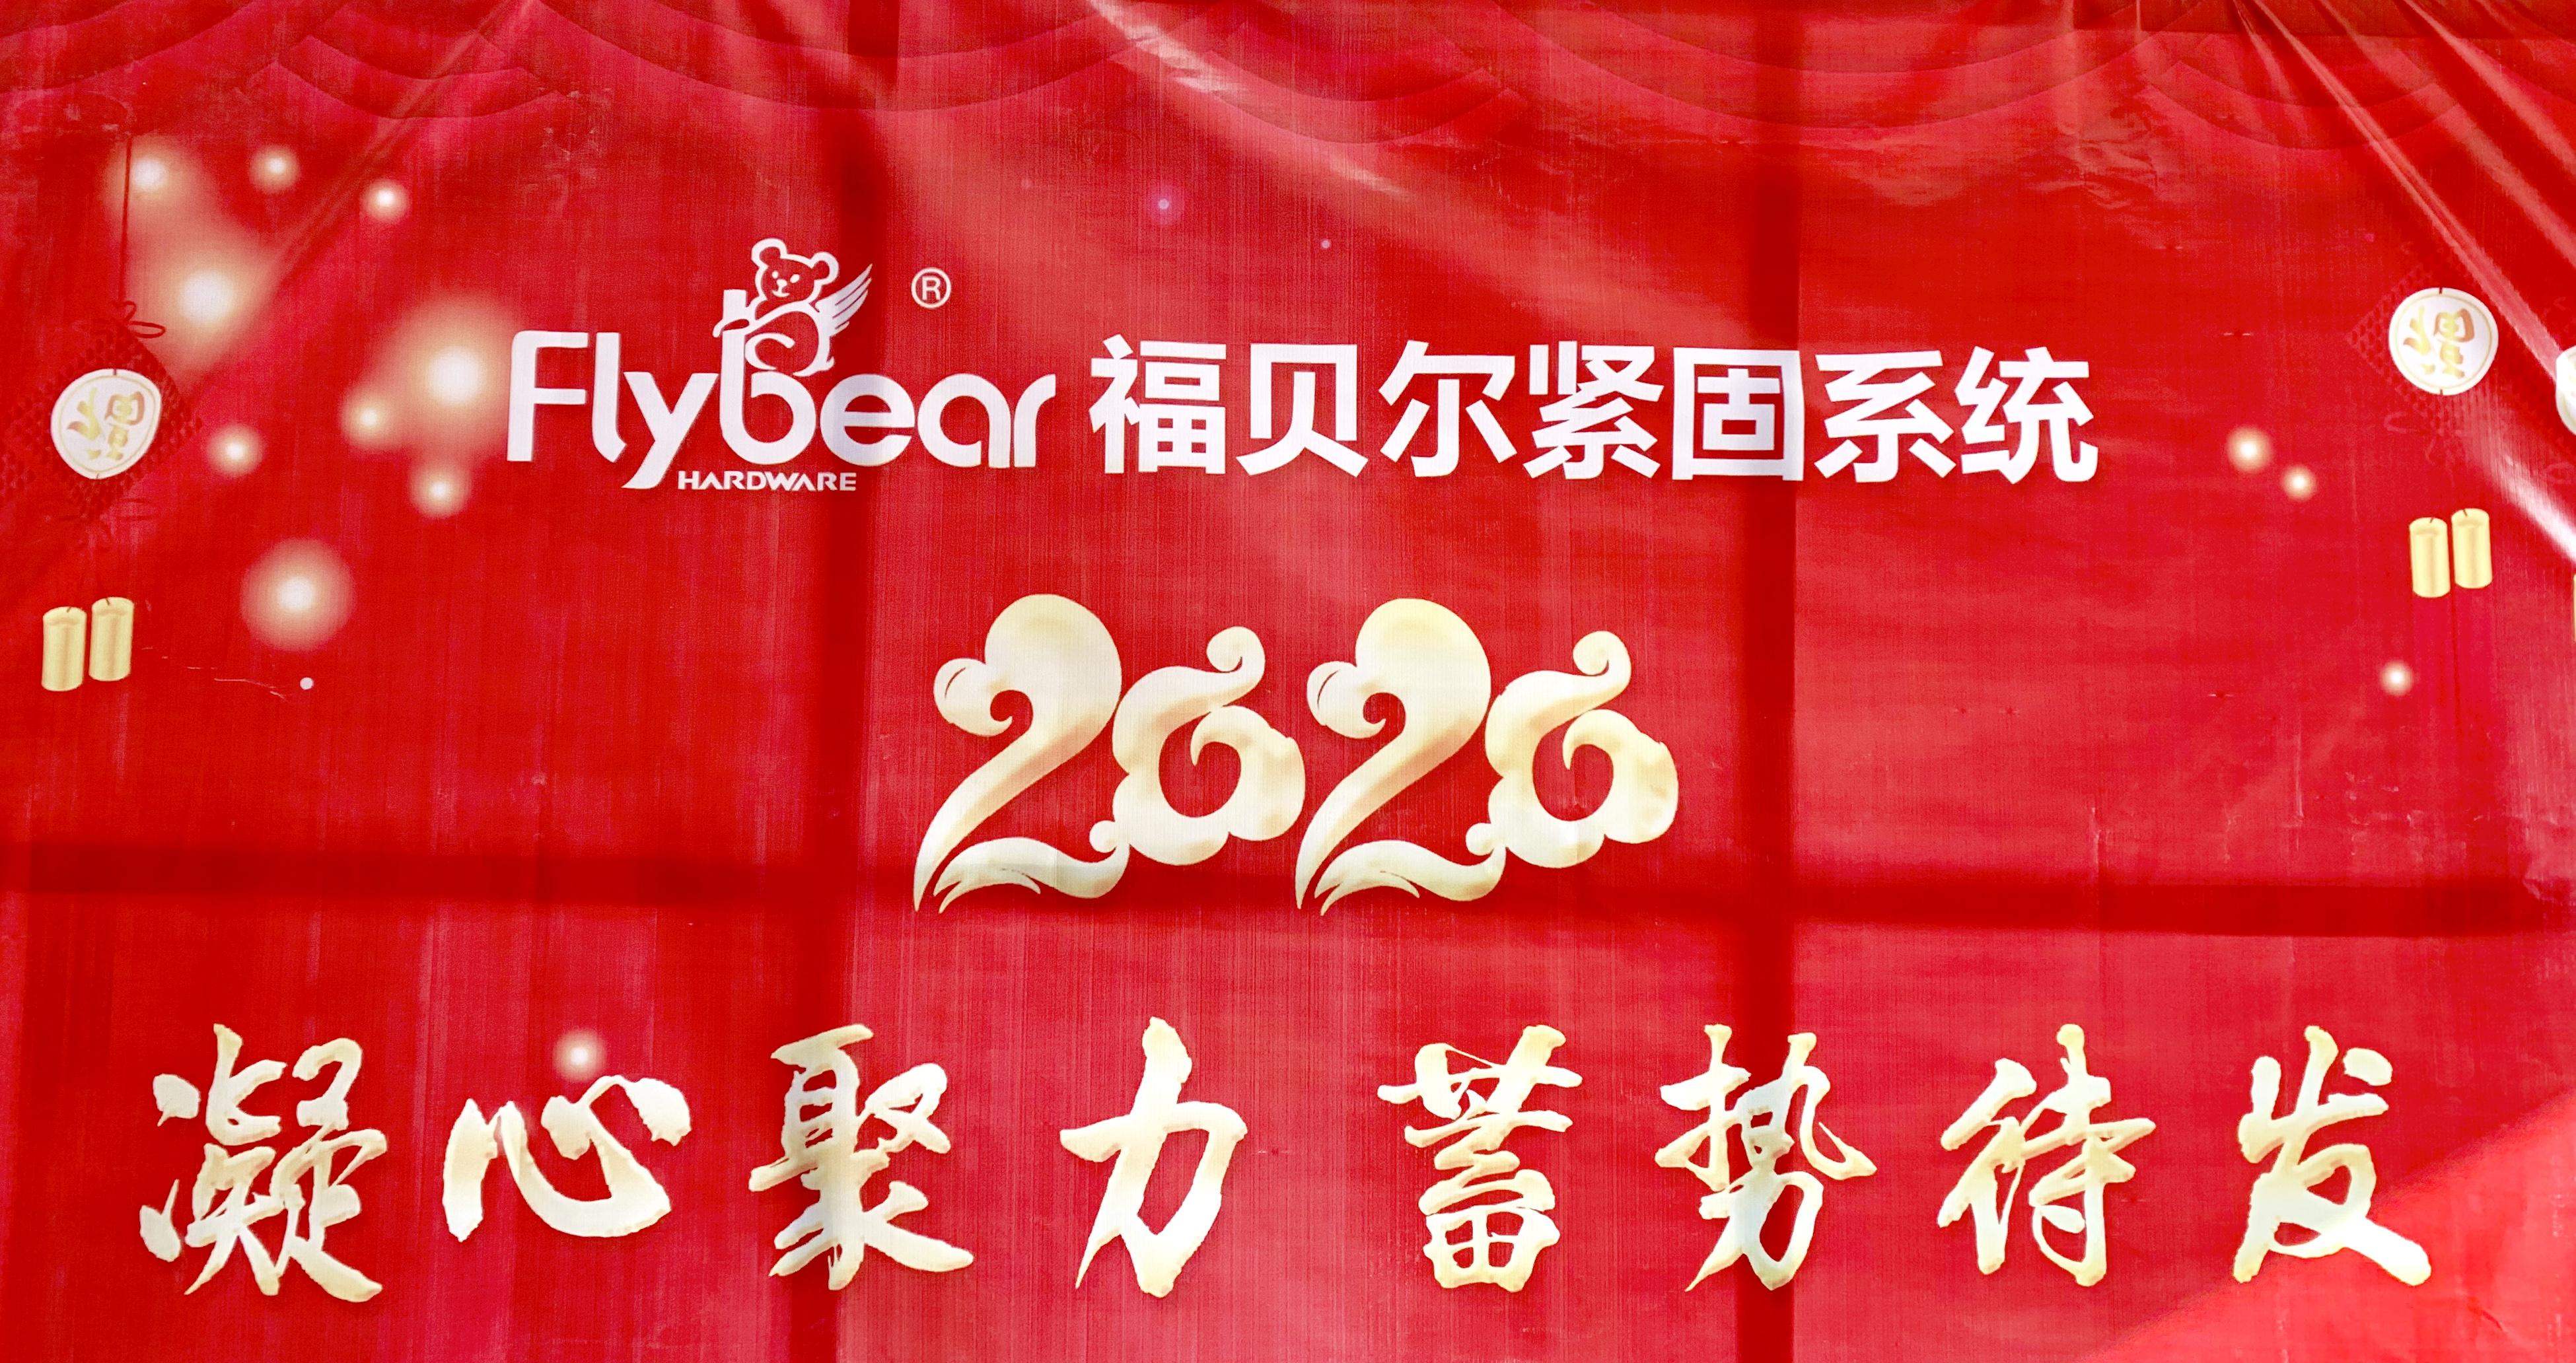 防控复工有序进行,南京福贝尔五金2月20日复工复产